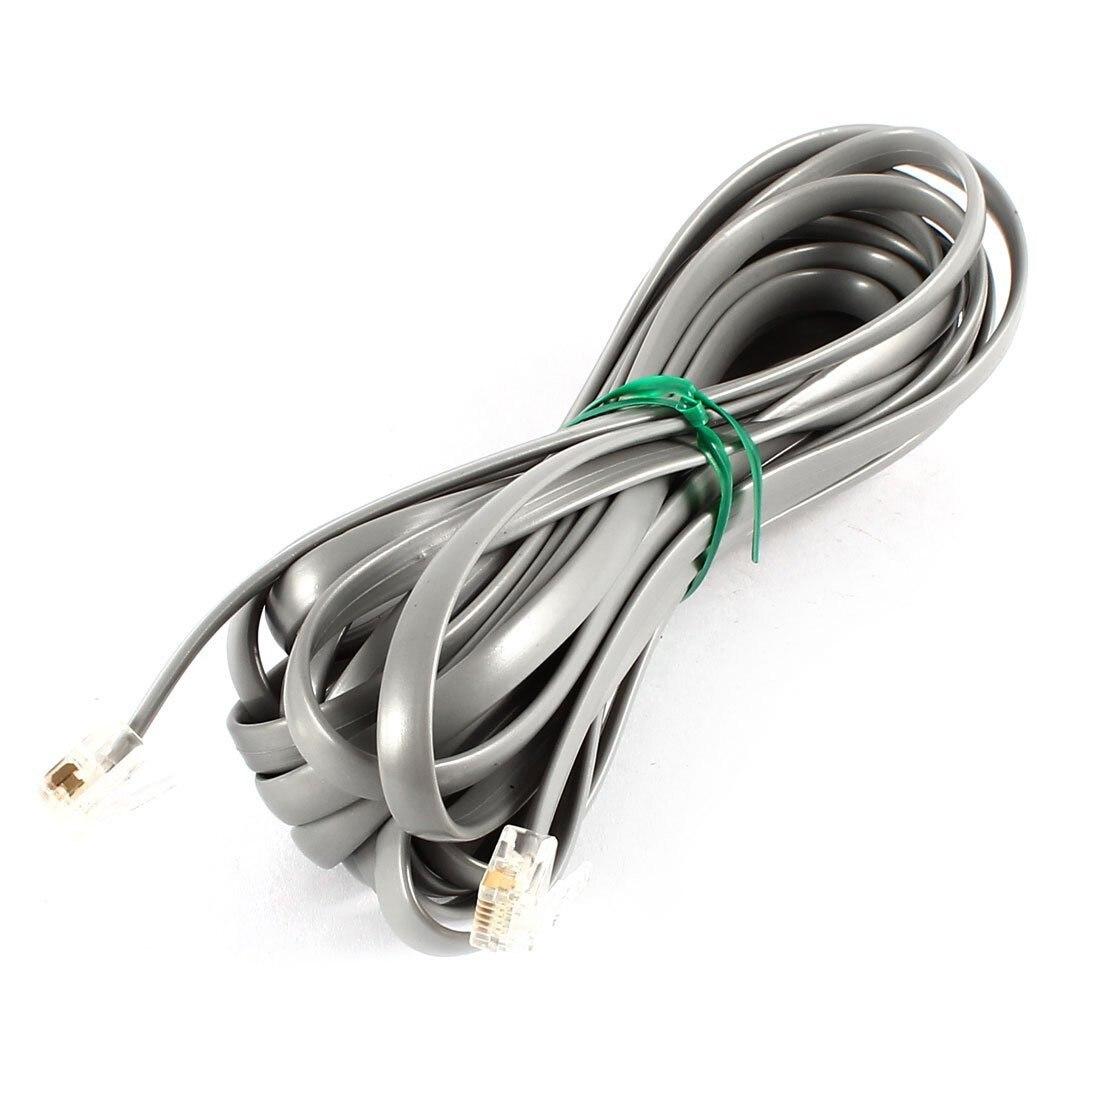 Gray Plastic Noodles 6P6C RJ11 M/M Flat Telephone Cable Cord 5M 16ft